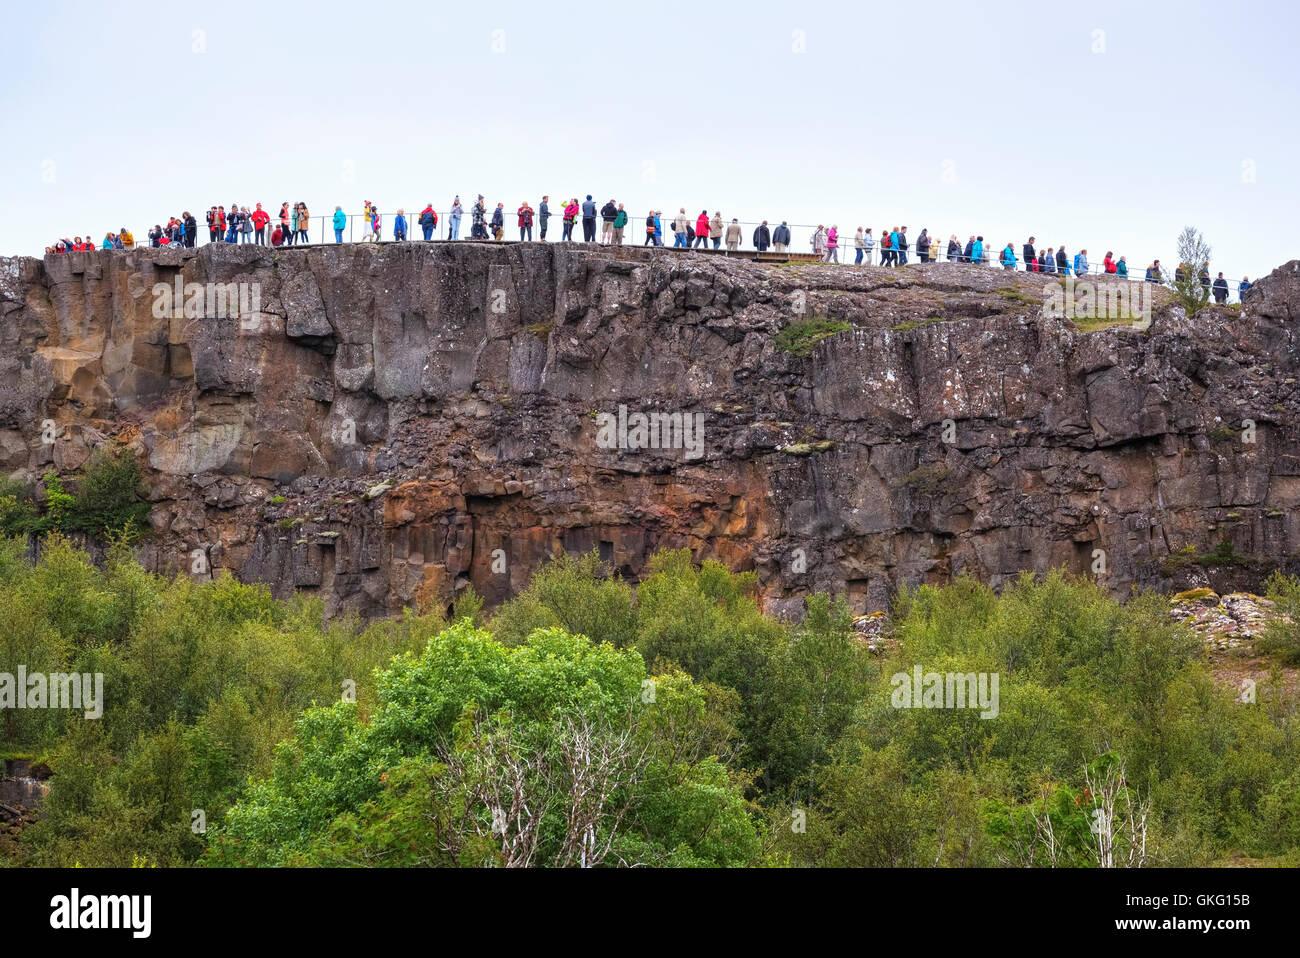 El turismo de masas en el Parque Nacional de Thingvellir, Mid-Atlantic Ridge, Golden Circle, Islandia Imagen De Stock